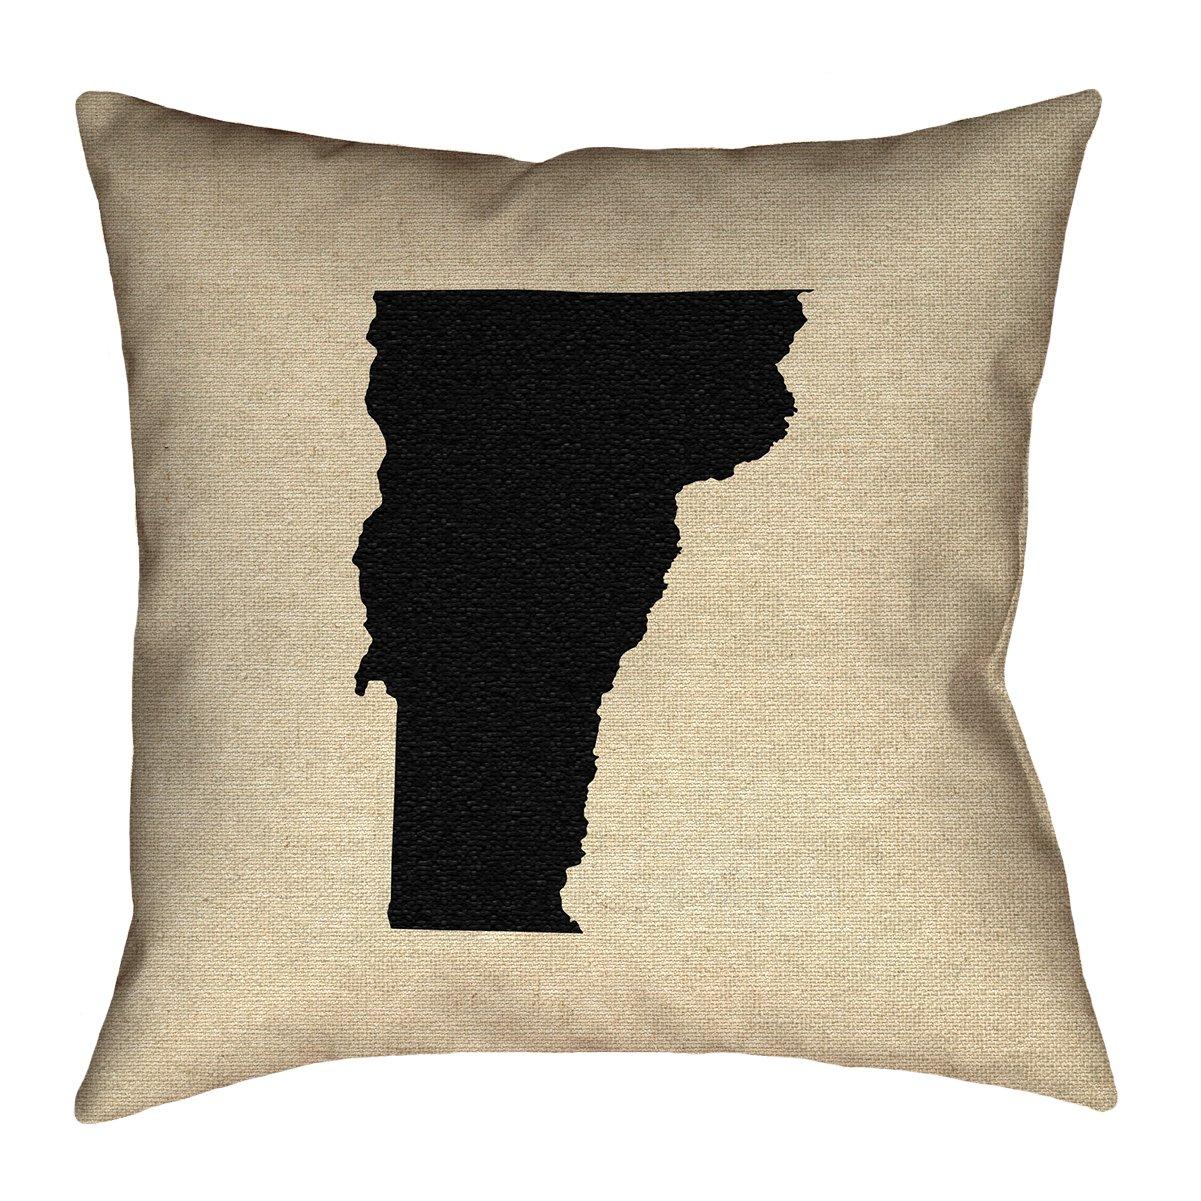 ArtVerse Katelyn Smith 16 x 16 Spun Polyester Vermont Pillow